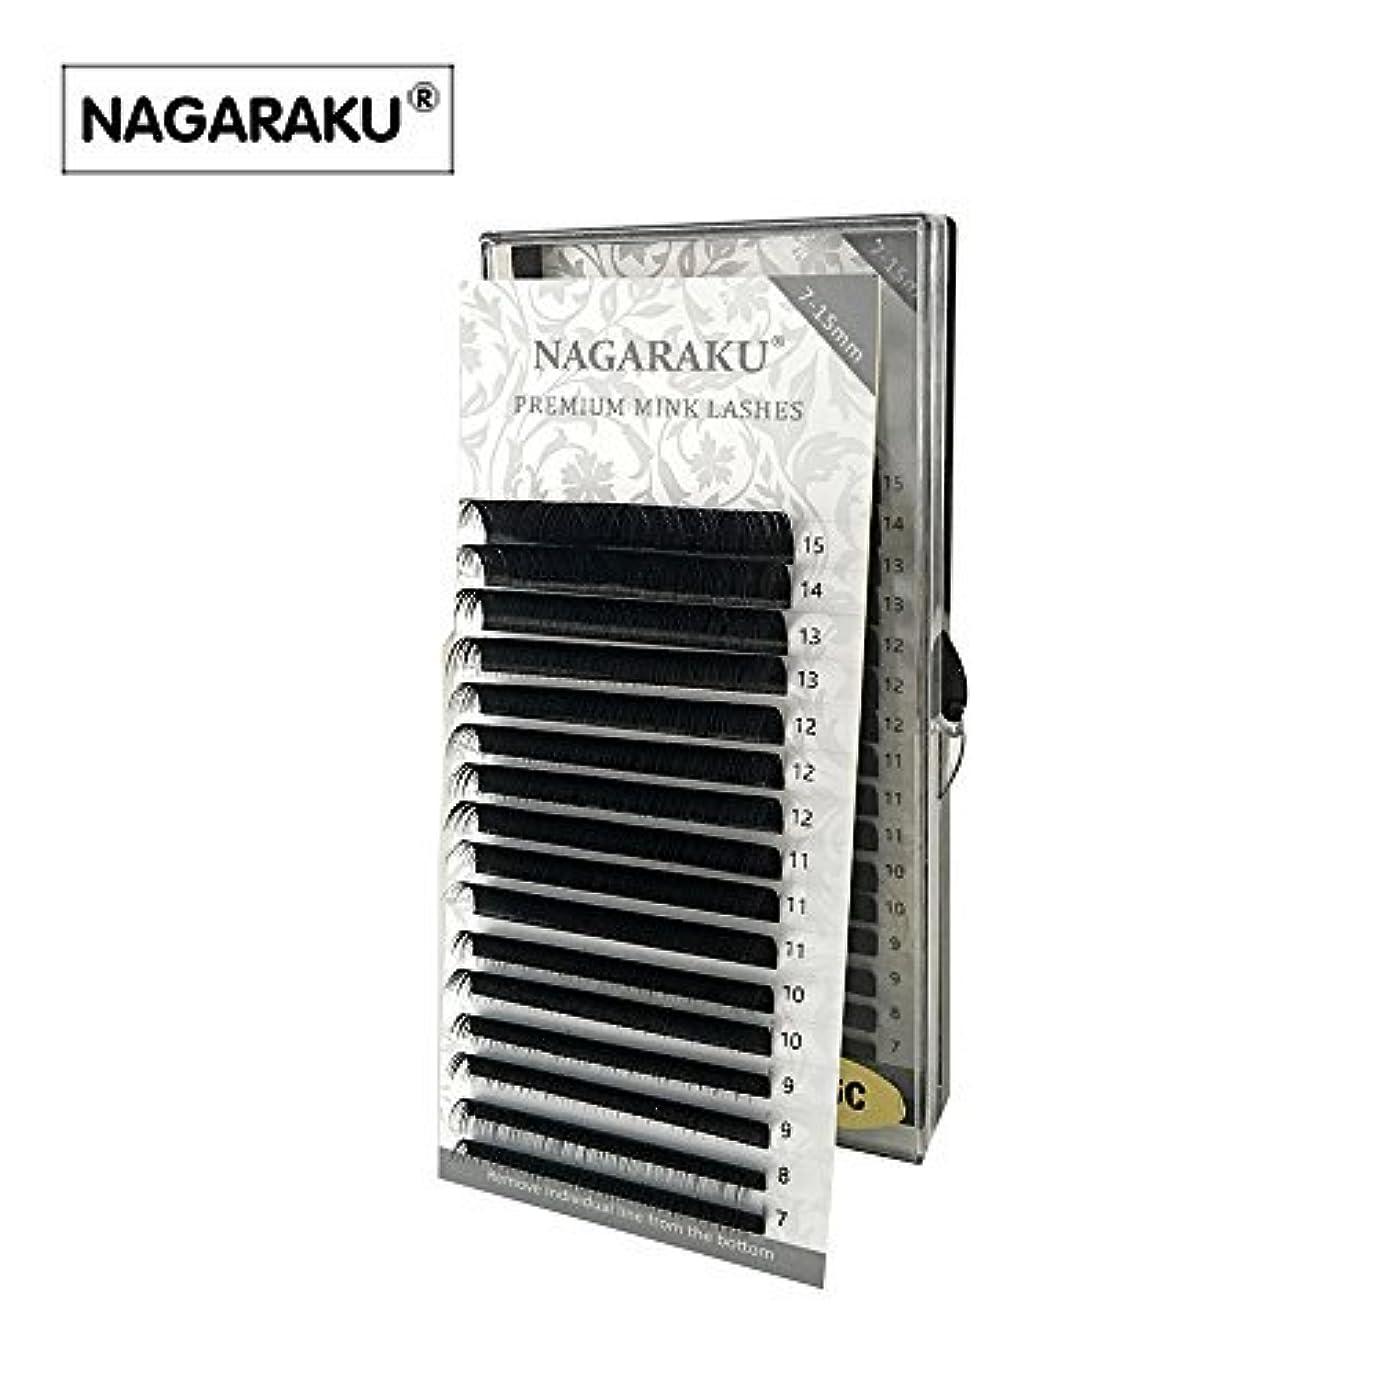 ハンディキャップ魅力蒸発NAGARAKU 太さ0.15mm Jカール 7~15mmミックス まつ毛エクステンション